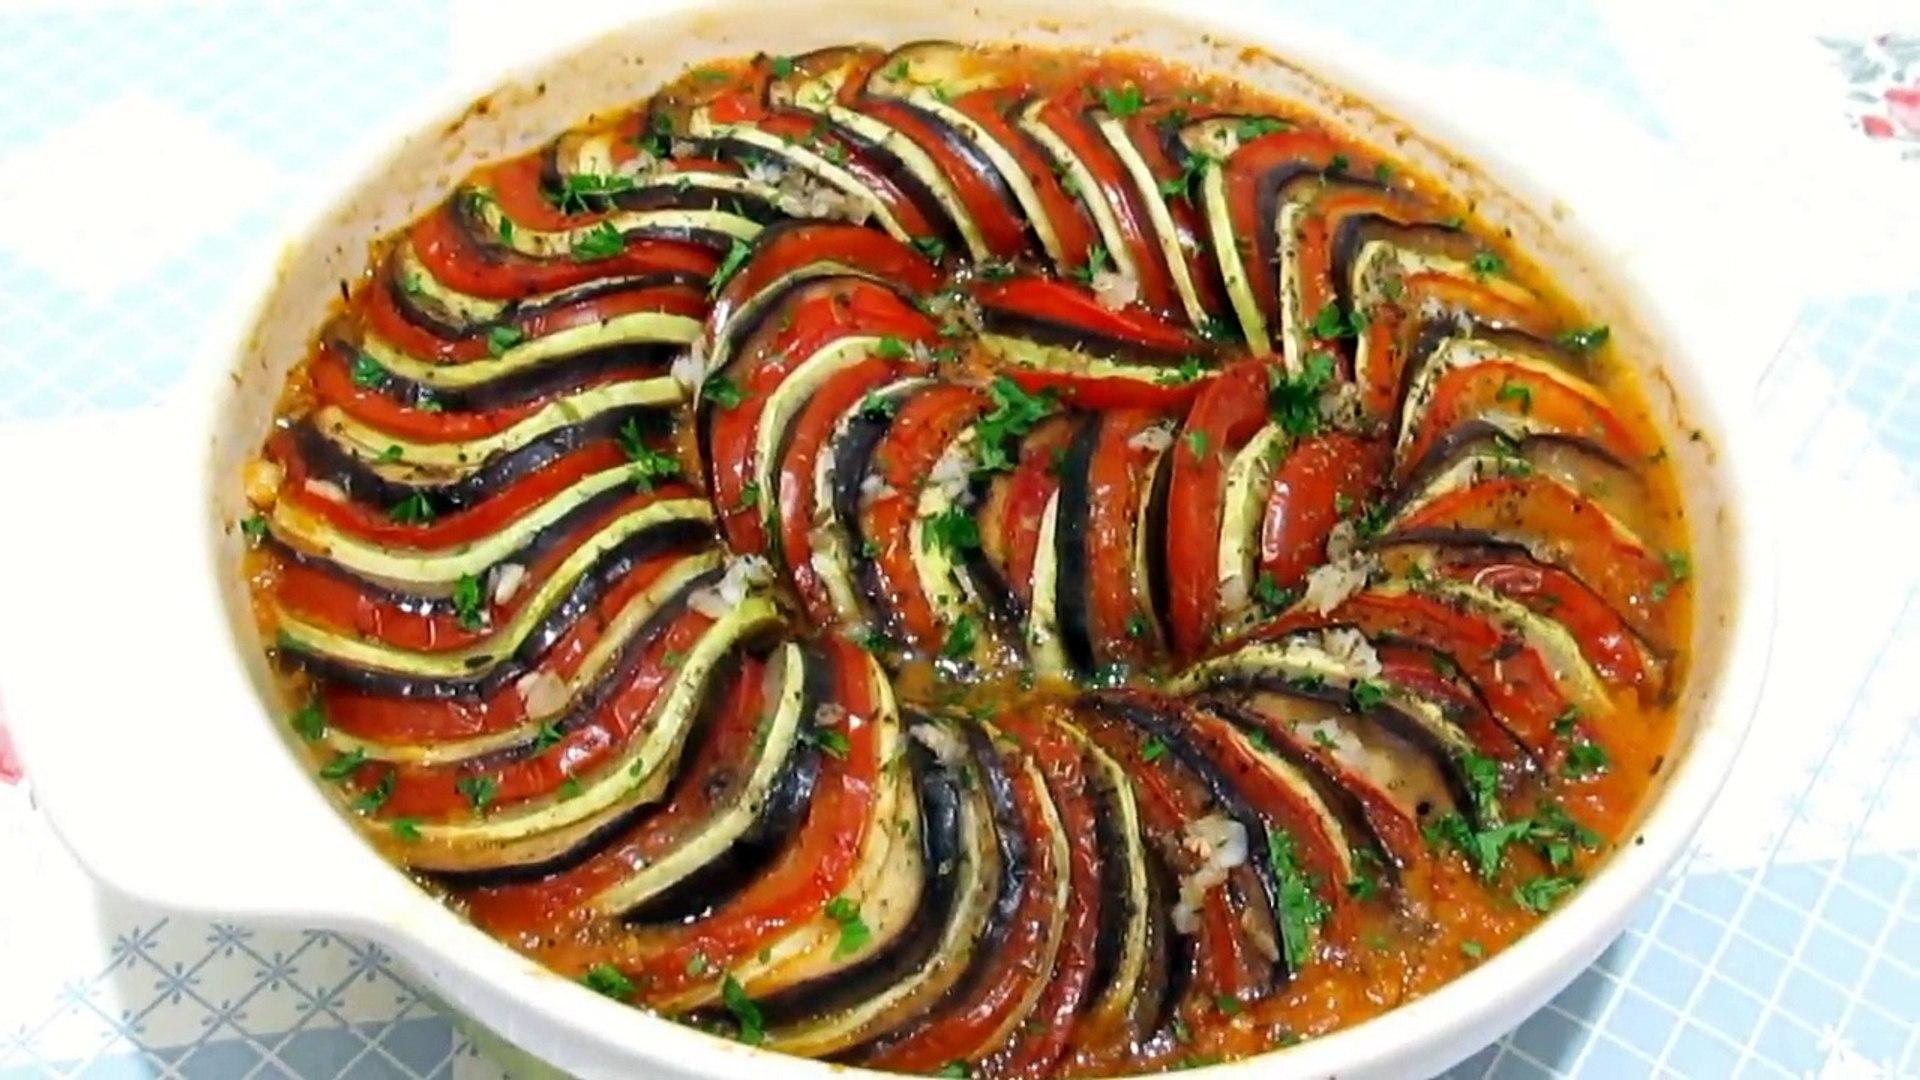 #Вкусно - РАТАТУЙ Запеченные Овощи Овощной Тиан Как приготовить #РАТАТУЙ Рецепт